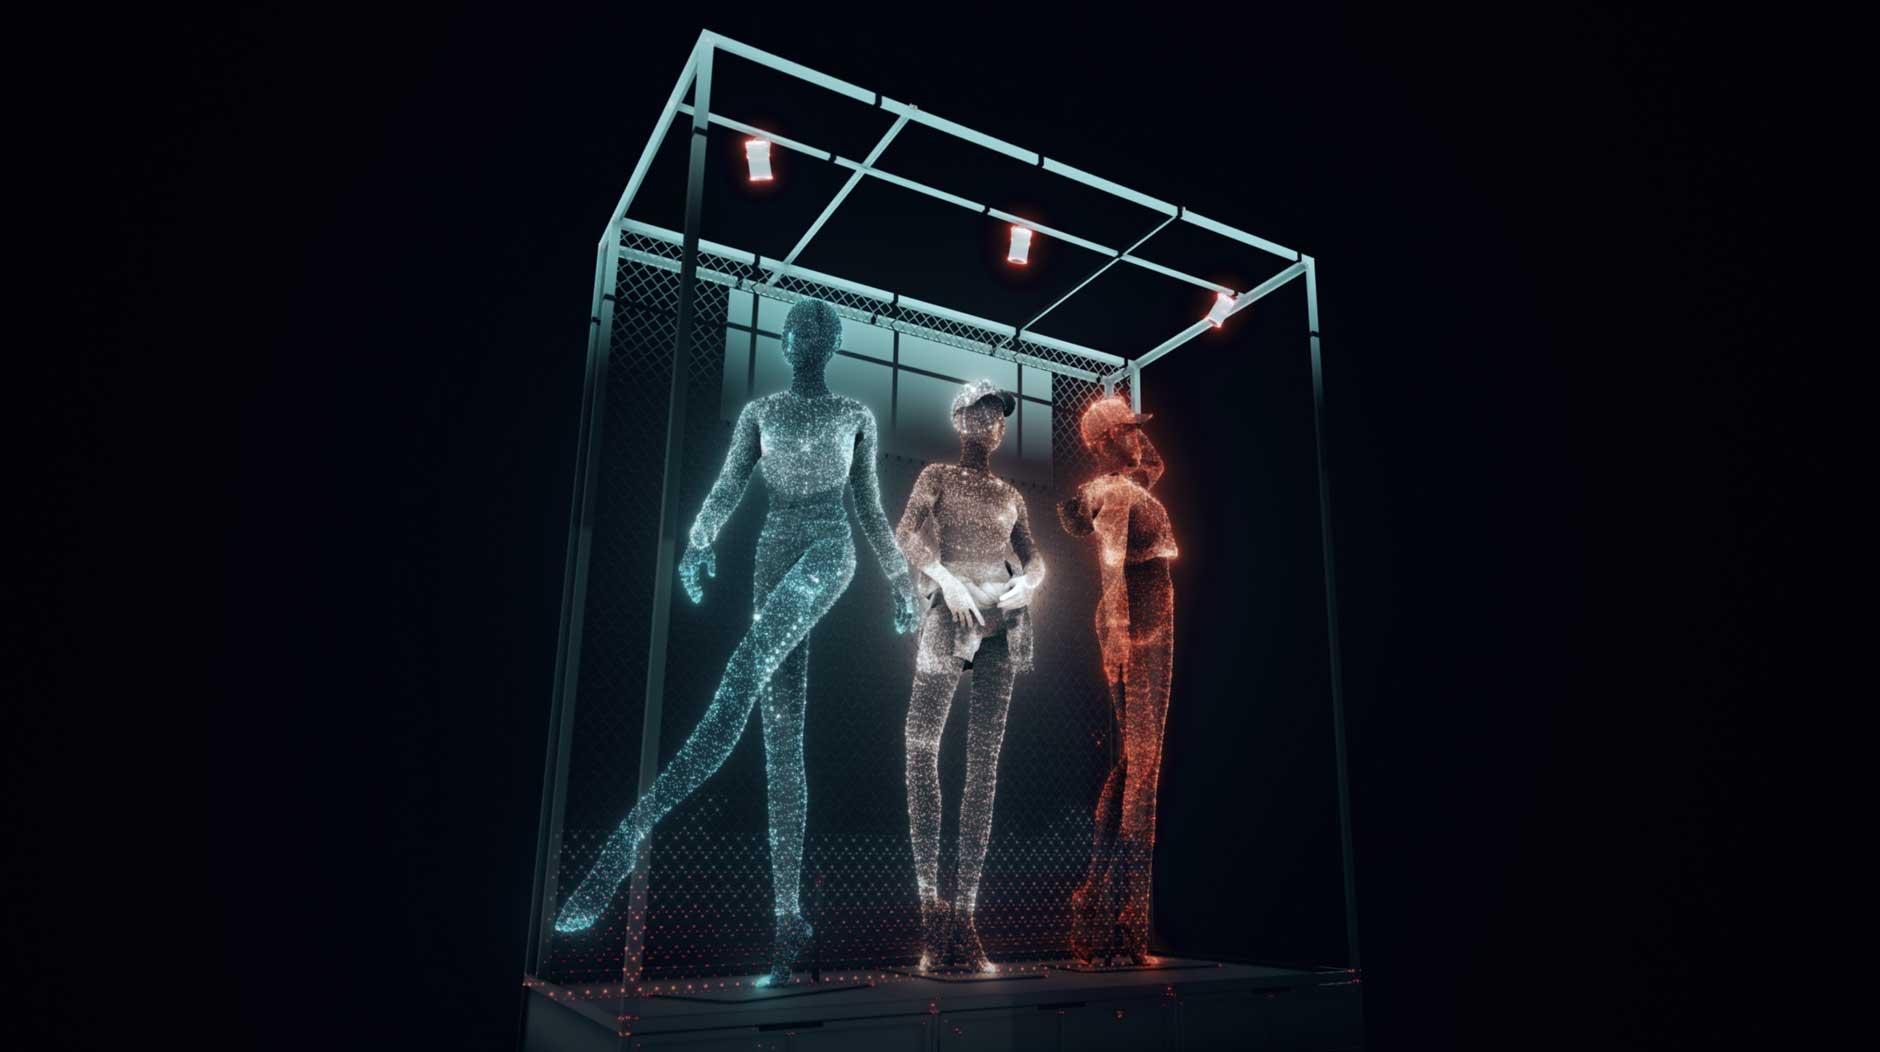 Digital Mannequins